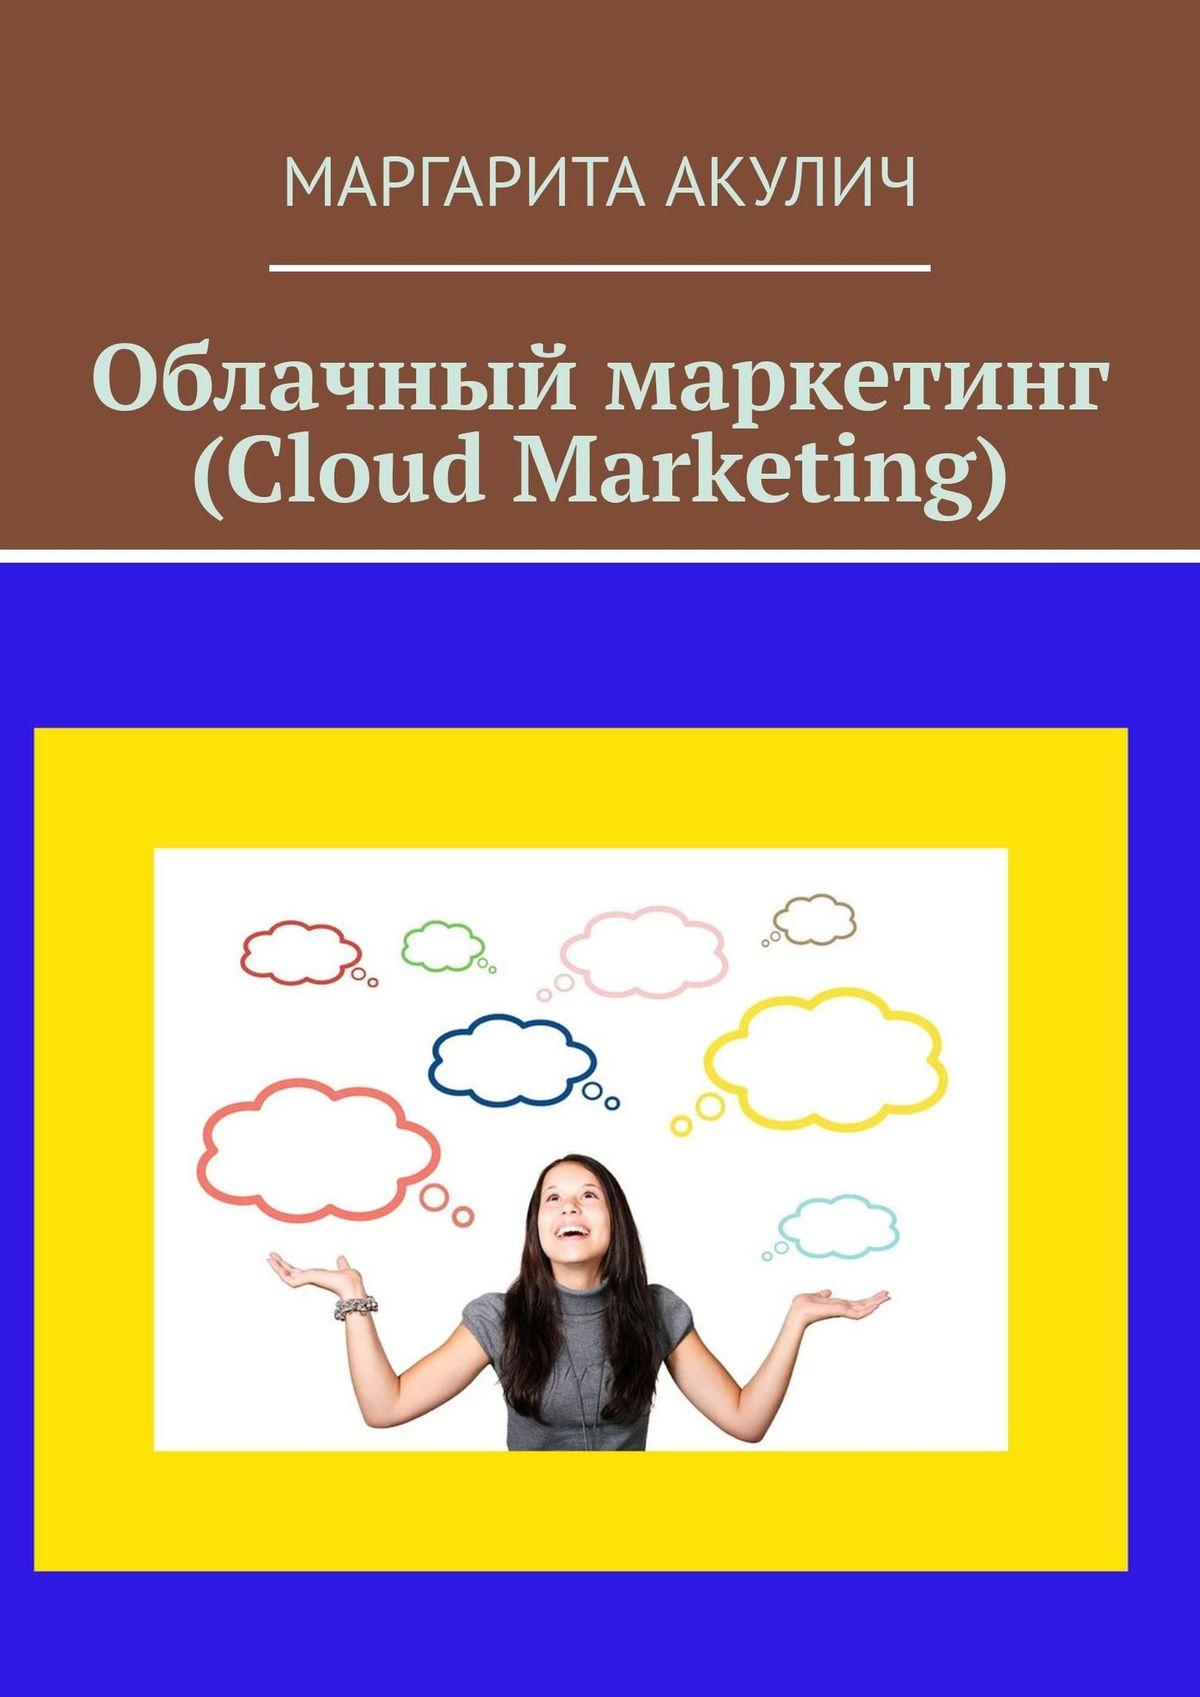 Маргарита Акулич Cloud Marketing (Облачный маркетинг)